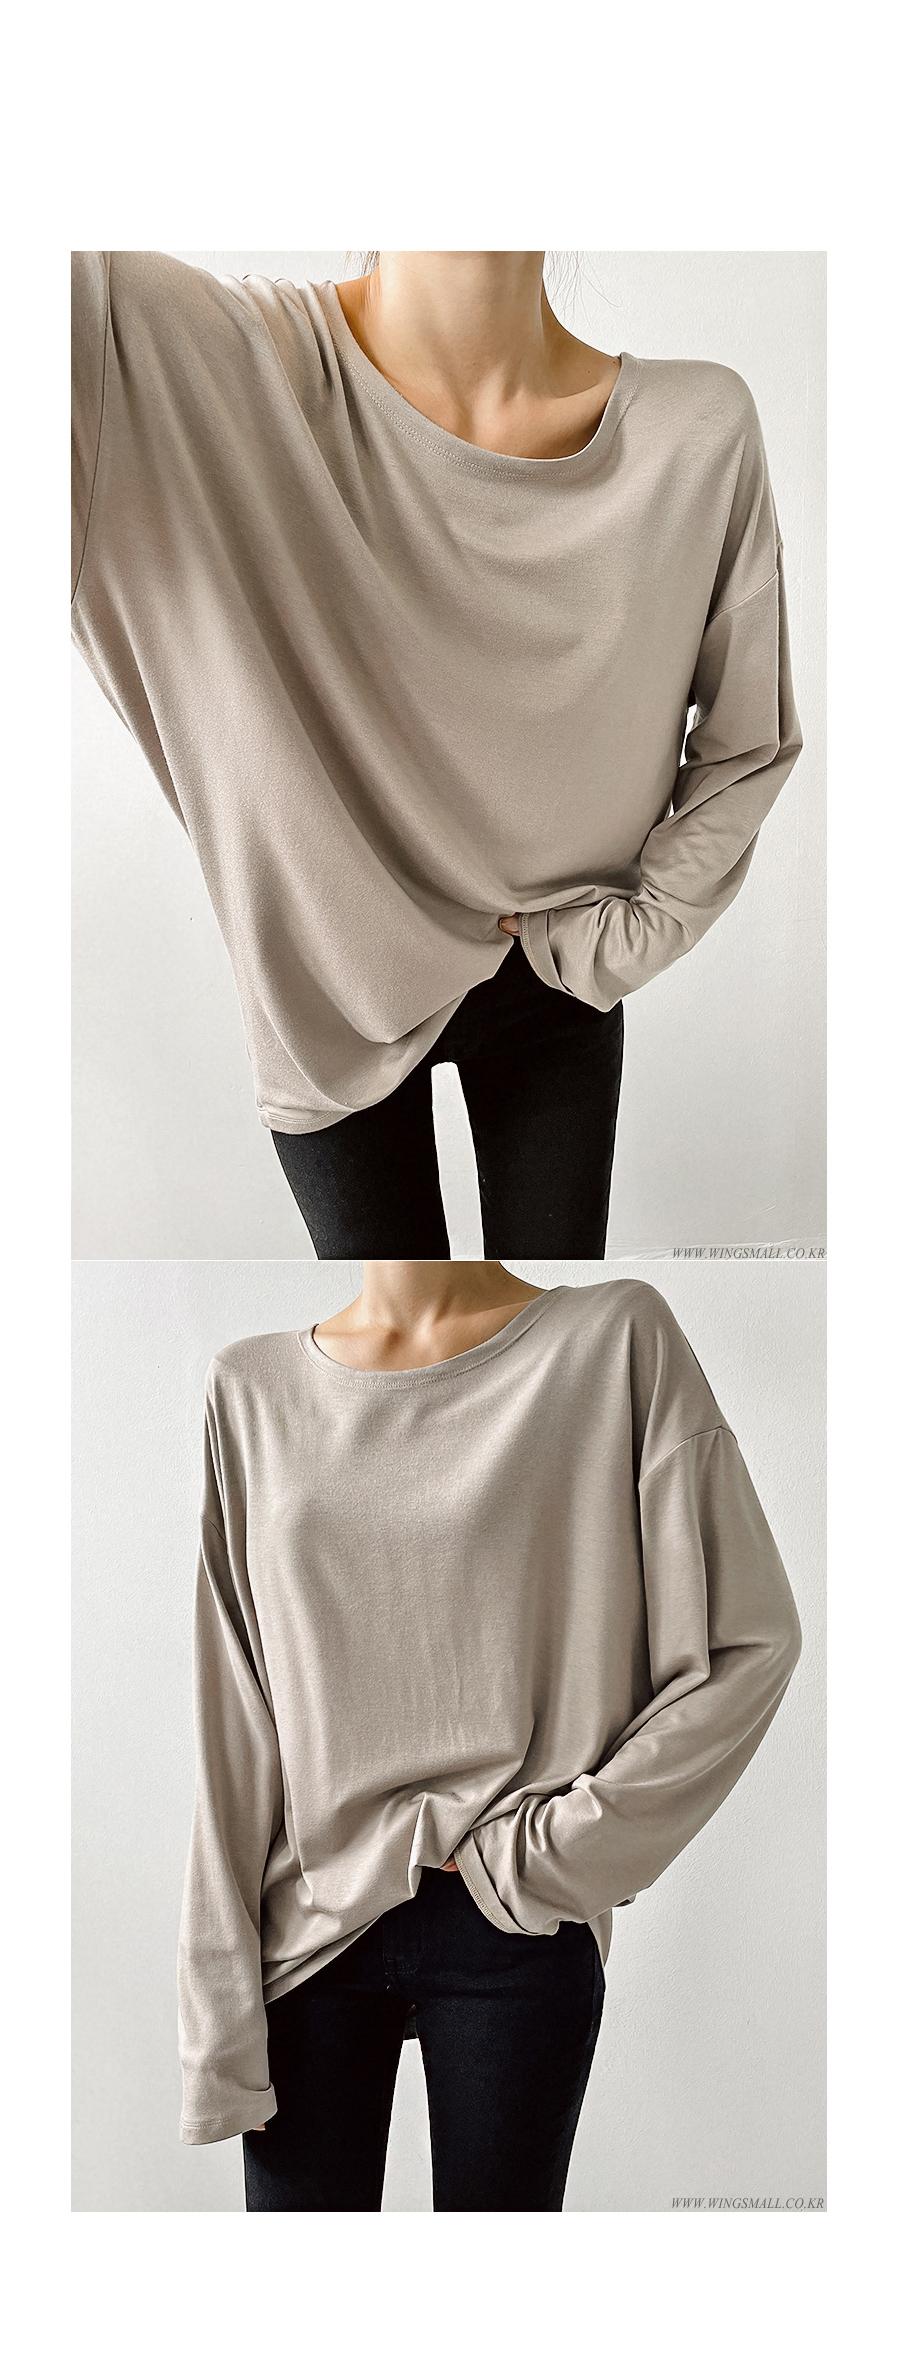 드레스 크림 색상 이미지-S6L1